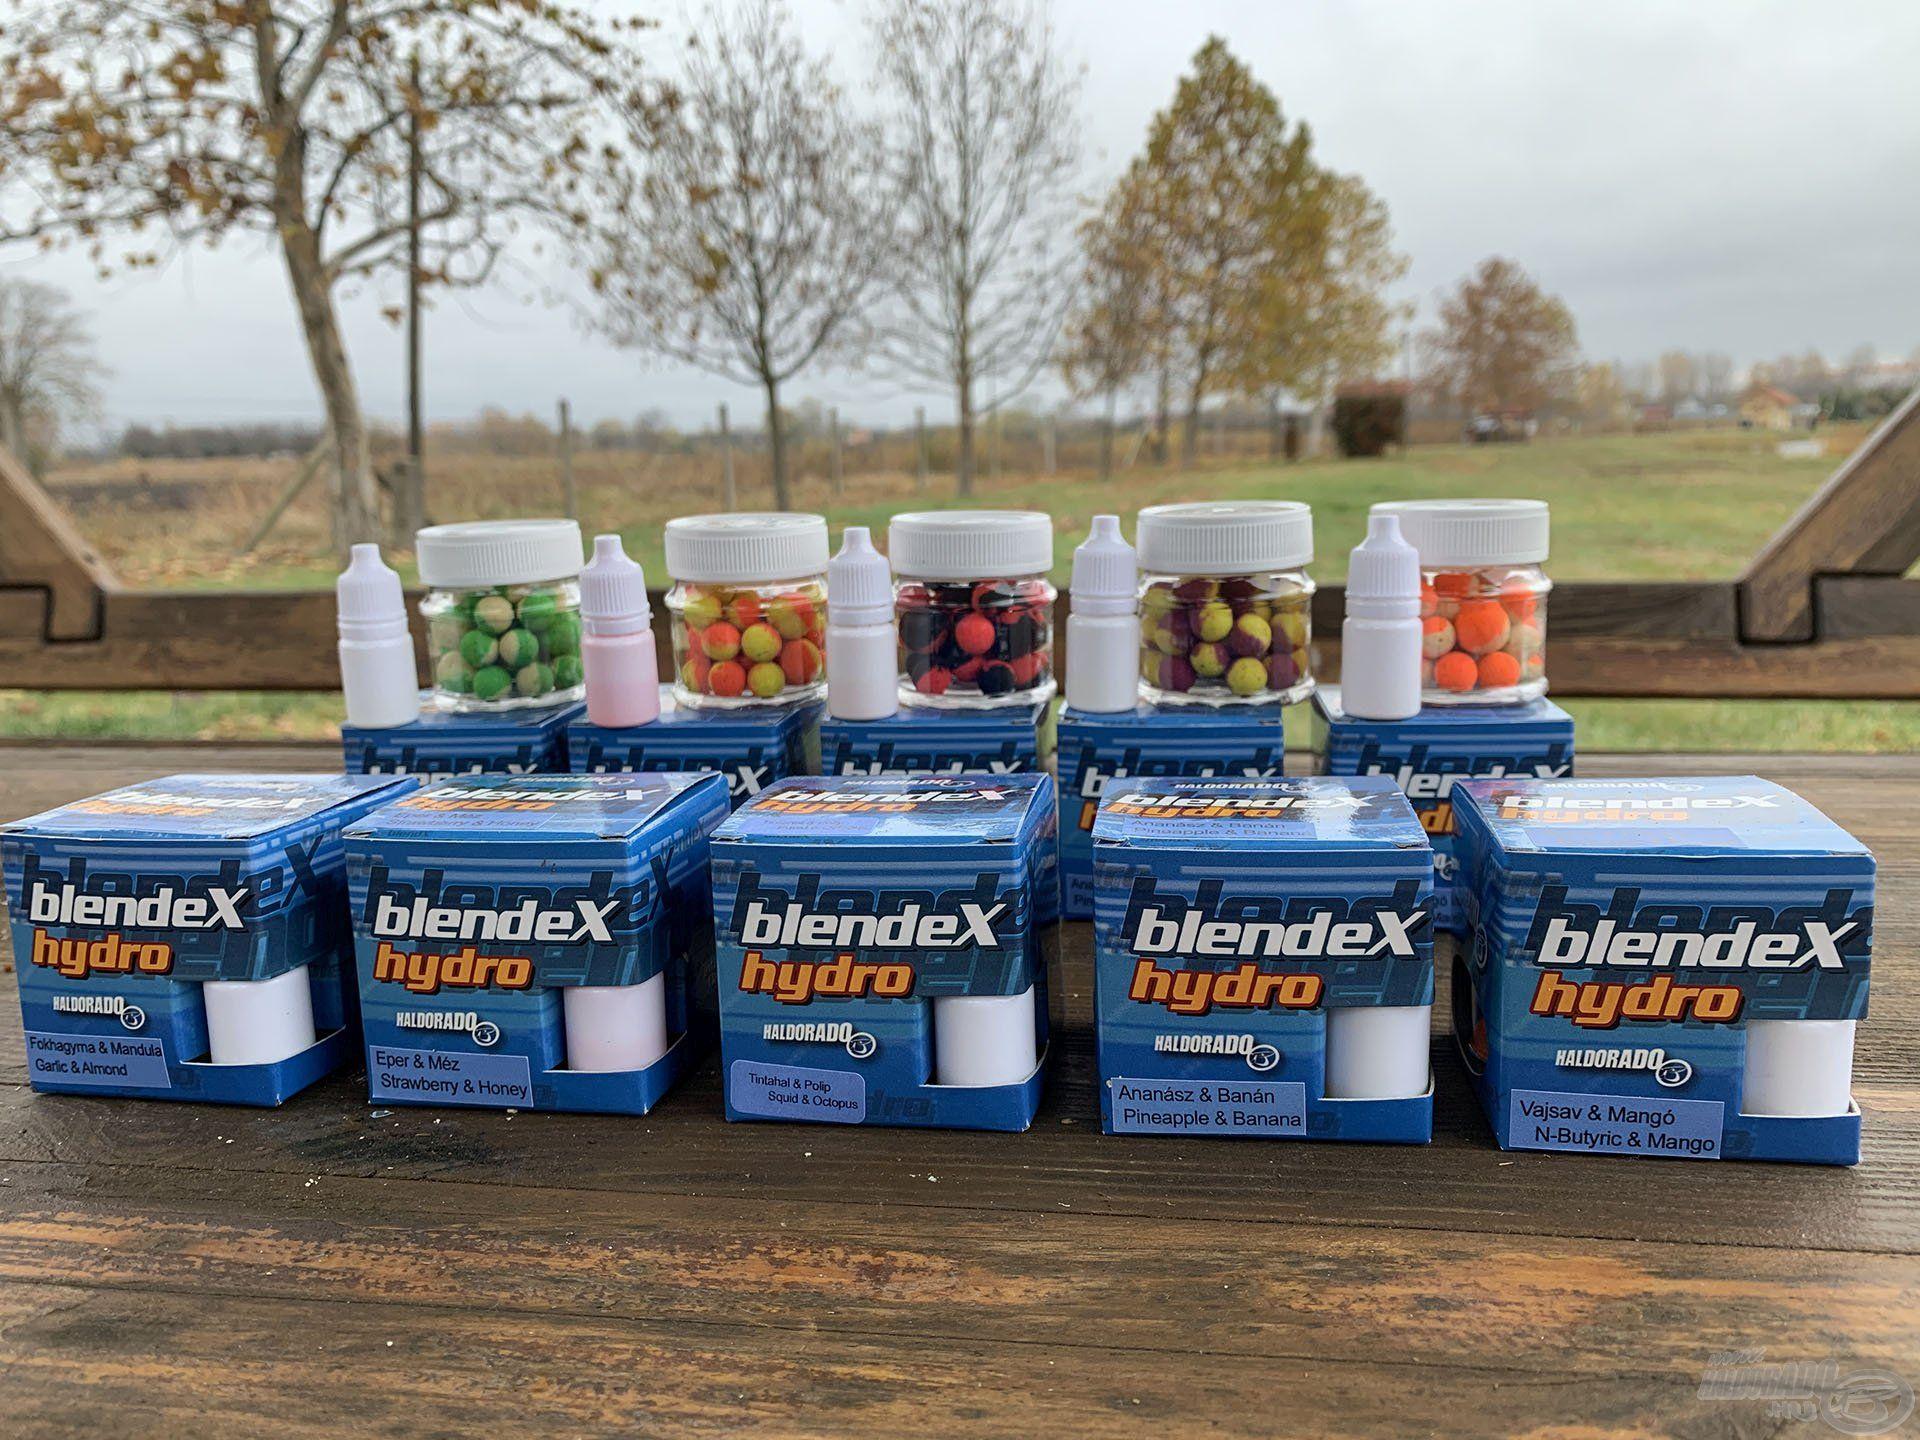 A BlendeX Hydro csalik a Pop Up családdal azonos, 5 különféle ízváltozatban, illetve Method és Big Carps méretekben kerülnek forgalomba